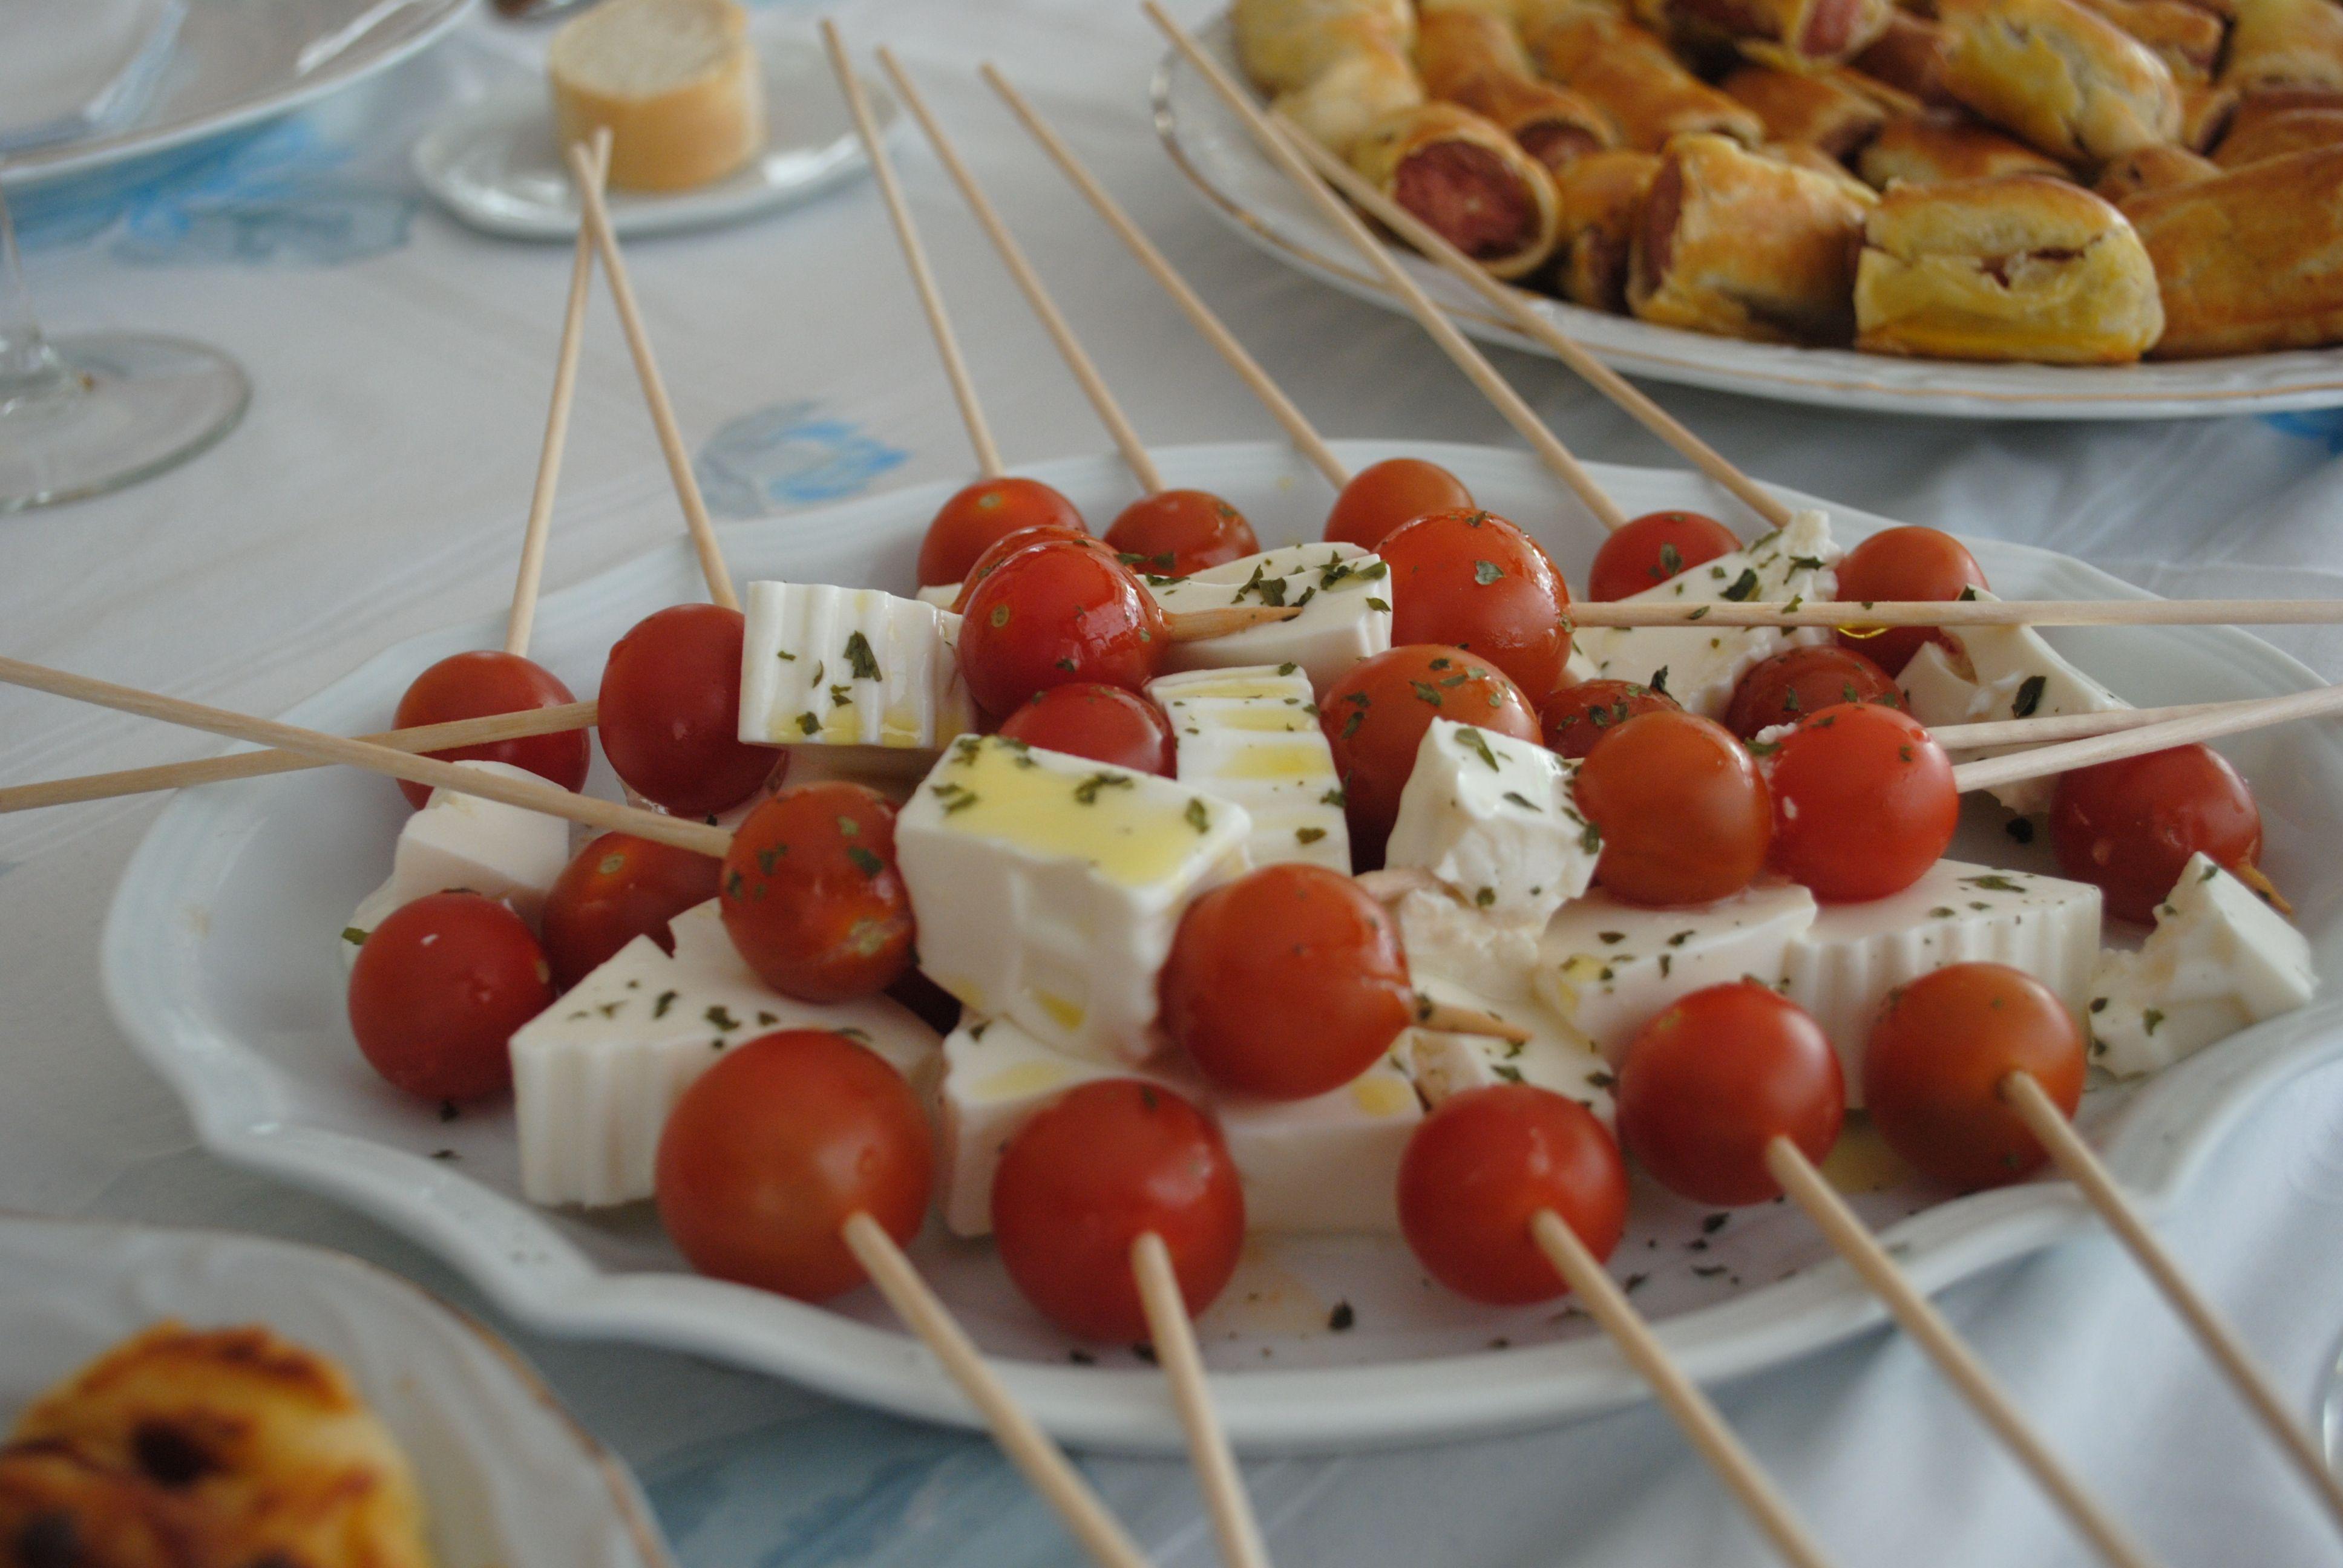 Pincho Moruno De Queso Fresco Y Tomate Cherry Alinado Con Aceite De Oliva Virgen Extra Y Un Toque De Oregano Aperitivos Salados Pinchos Morunos Tomates Cherry